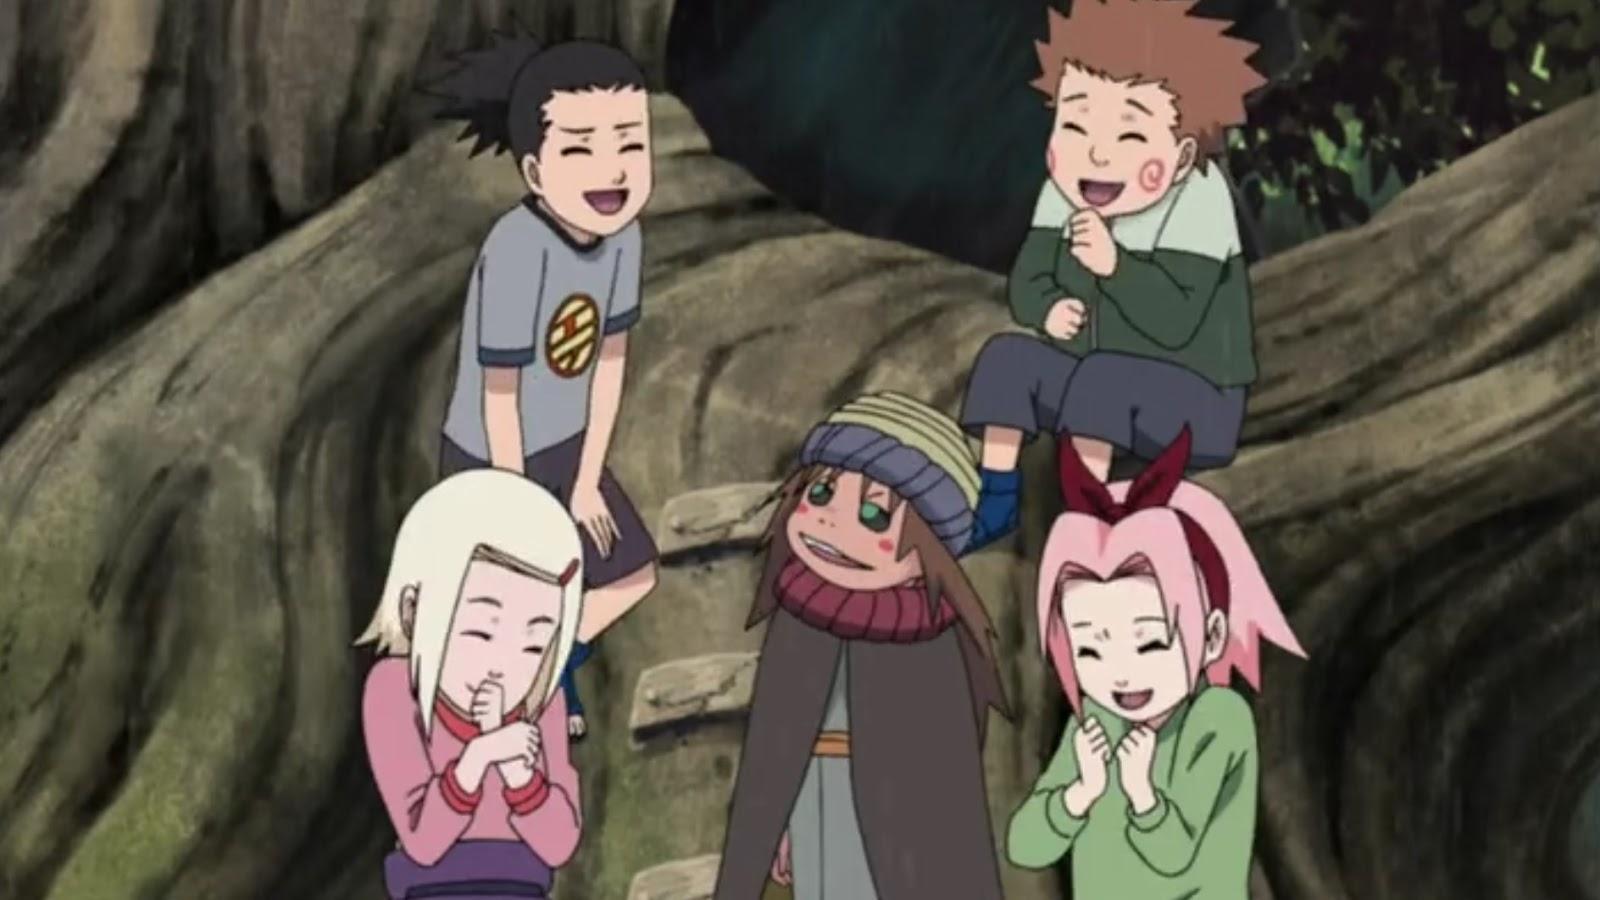 Naruto Shippuden Episódio 314, Assistir Naruto Shippuden Episódio 314, Assistir Naruto Shippuden Todos os Episódios Legendado, Naruto Shippuden episódio 314,HD